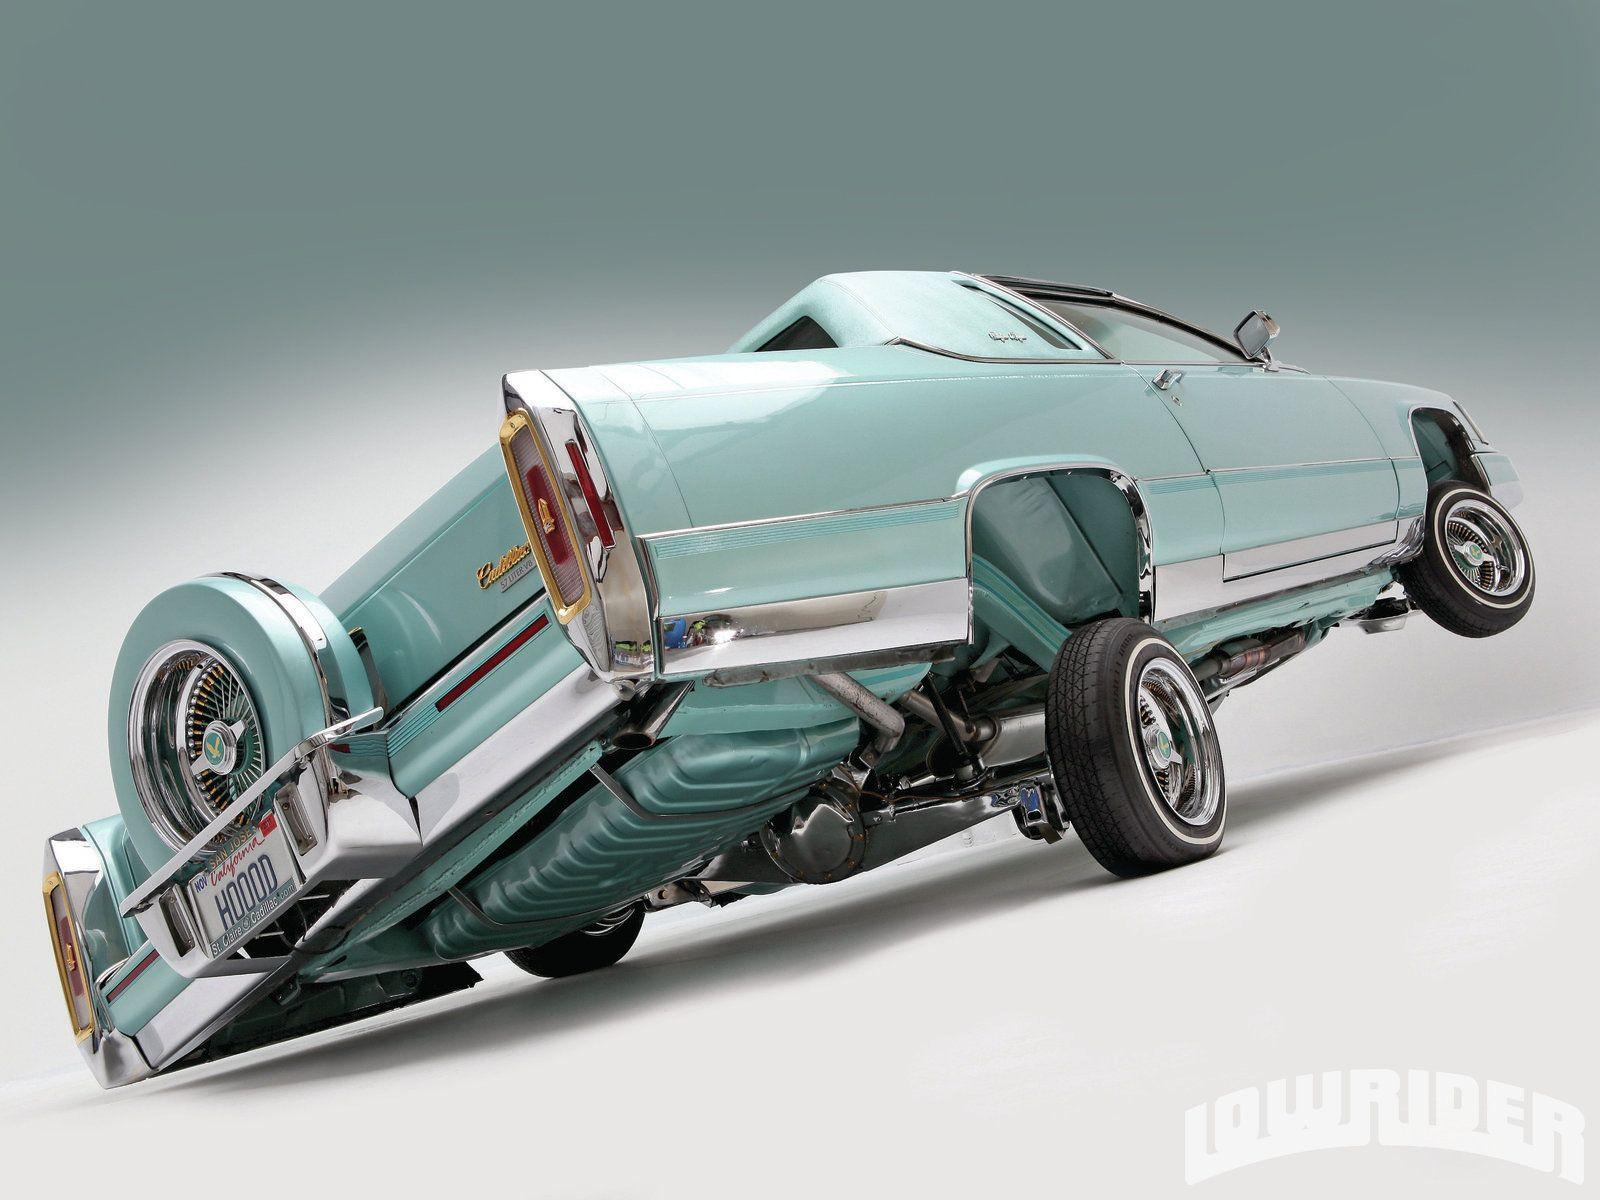 Cadillac Lowriders Wallpaper Images DXv5y Proyectos que